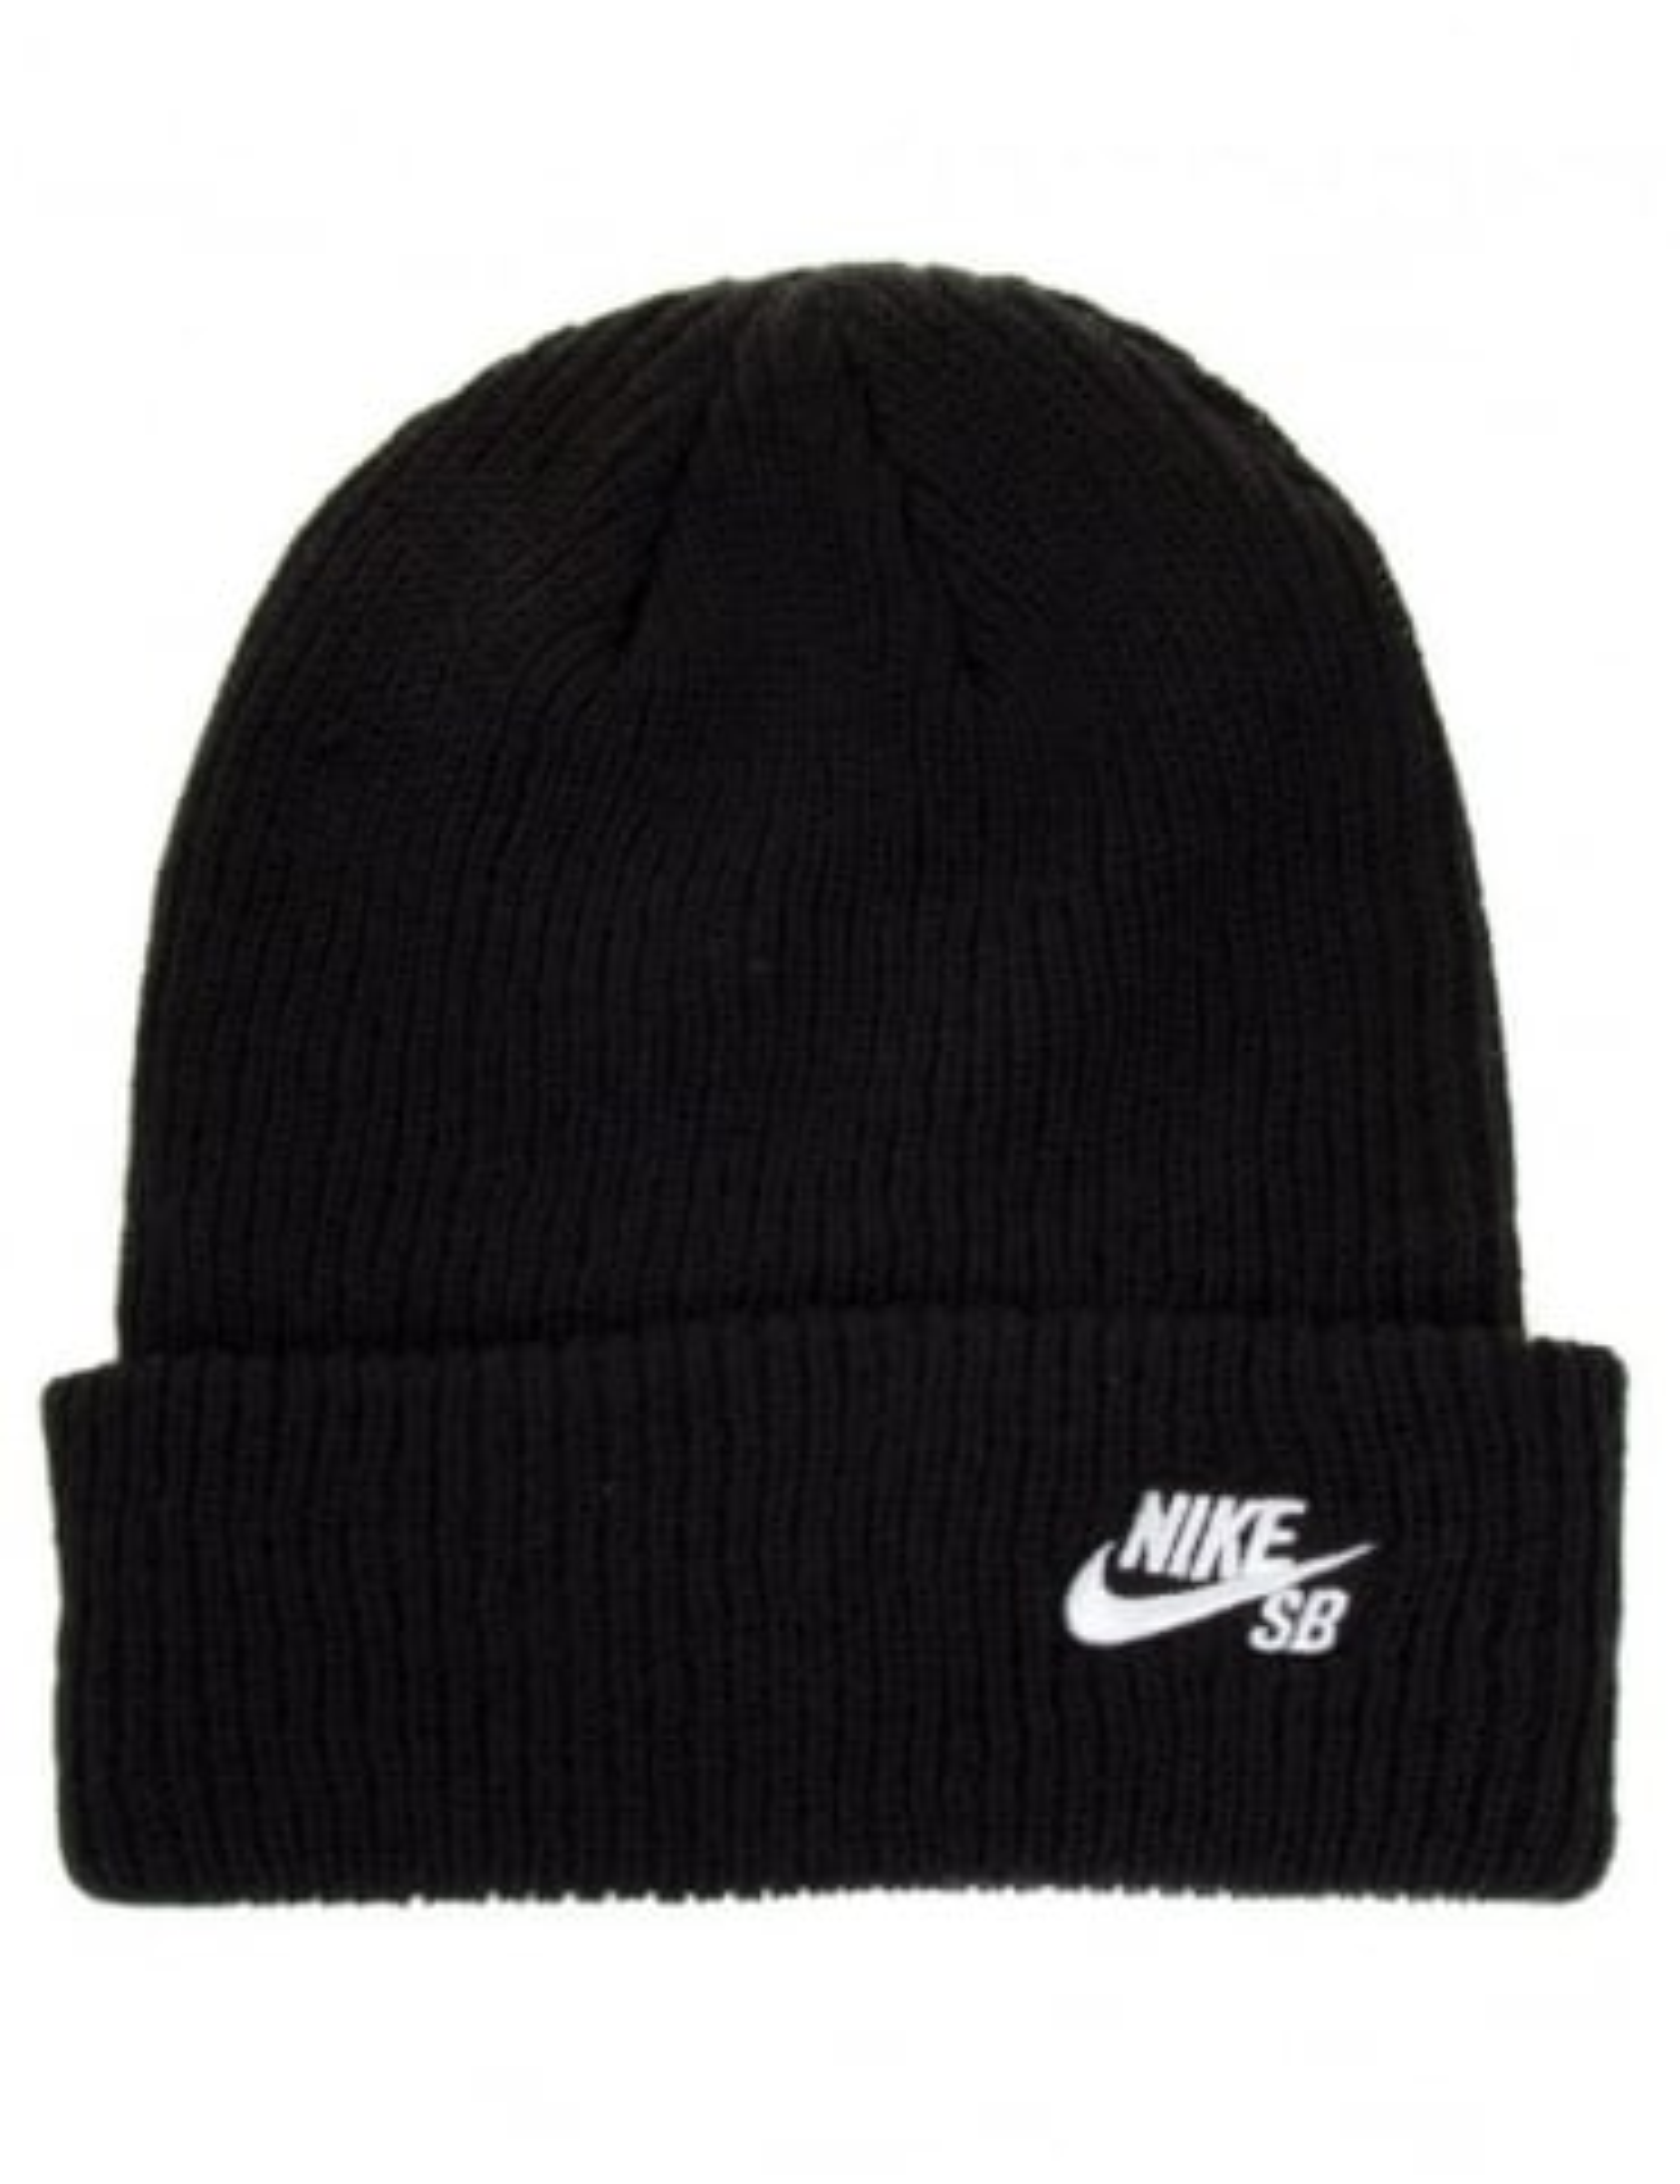 de8fe5733 Nike SB Hats | Fat Buddha Store